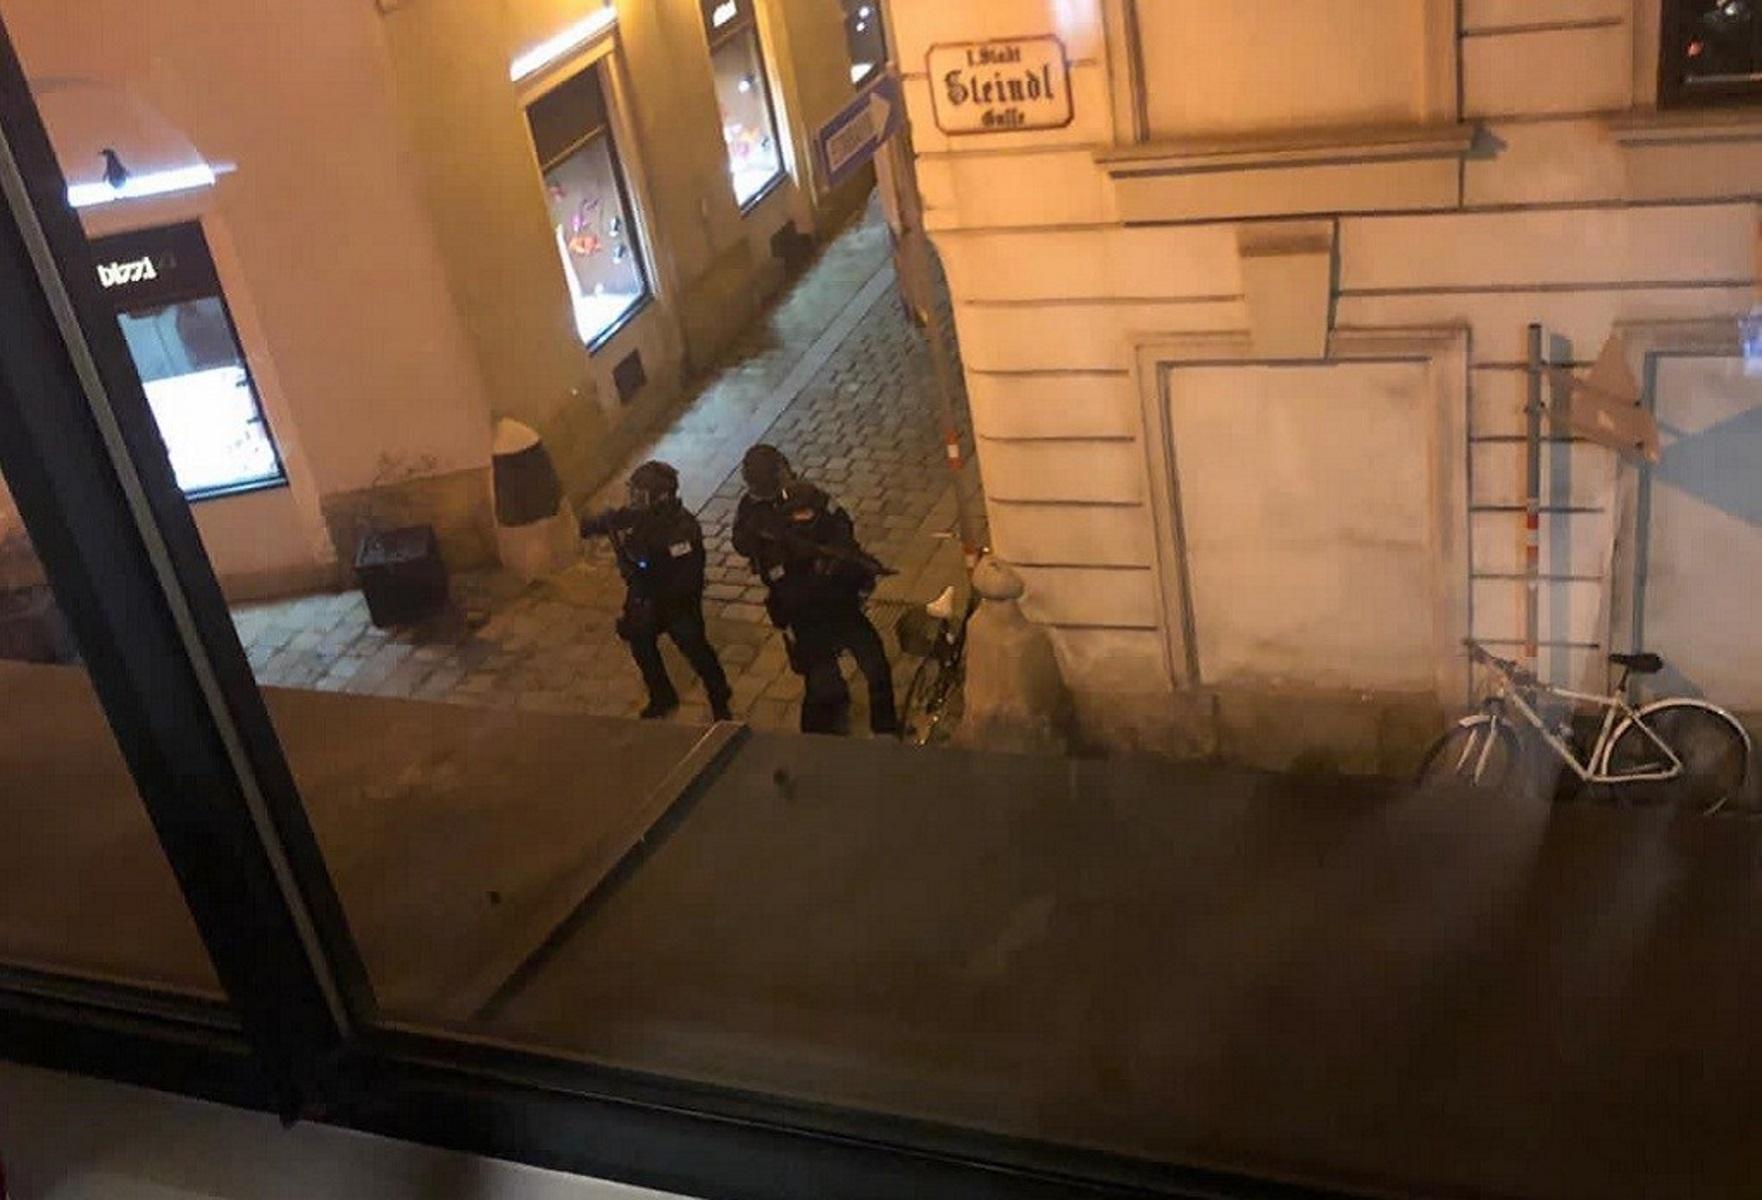 Βιέννη: Συγκλονίζει μαρτυρία Έλληνα για την αιματηρή επίθεση – «Κοντά στην ελληνική εκκλησία το περιστατικό»